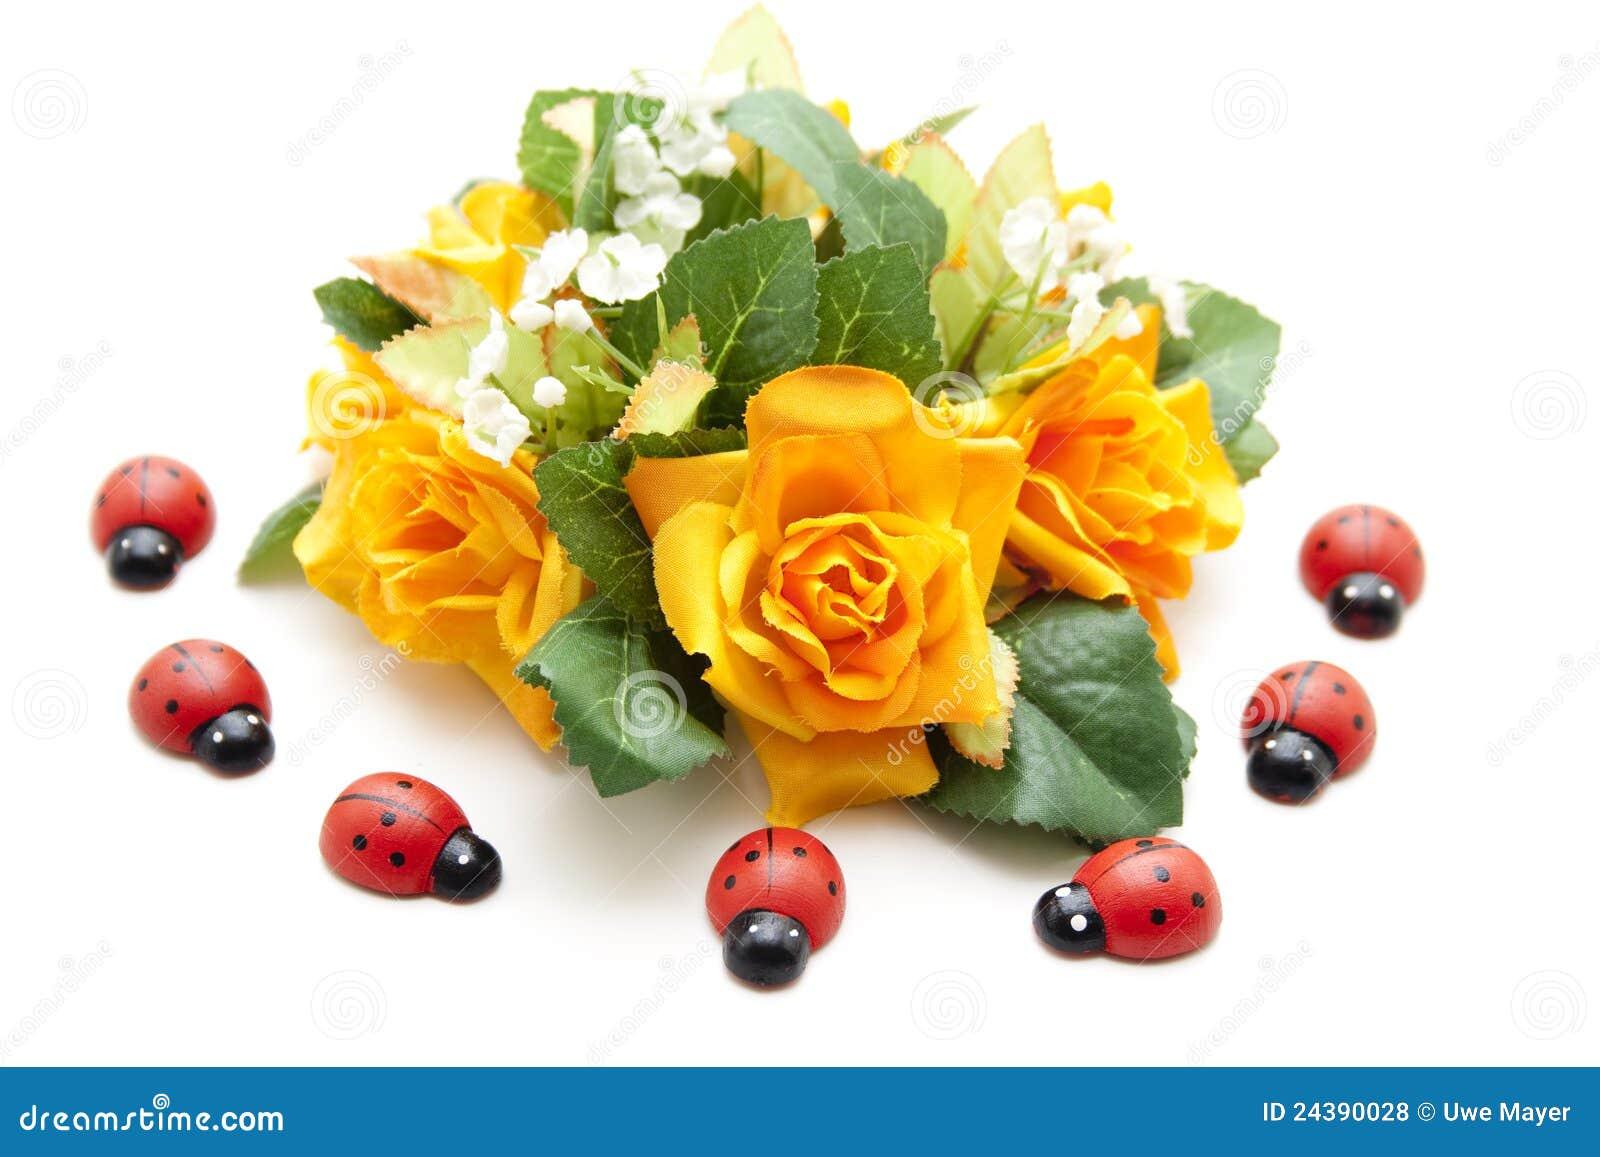 Bloemen decoratie met lieveheersbeestje stock foto for Bloemen decoratie